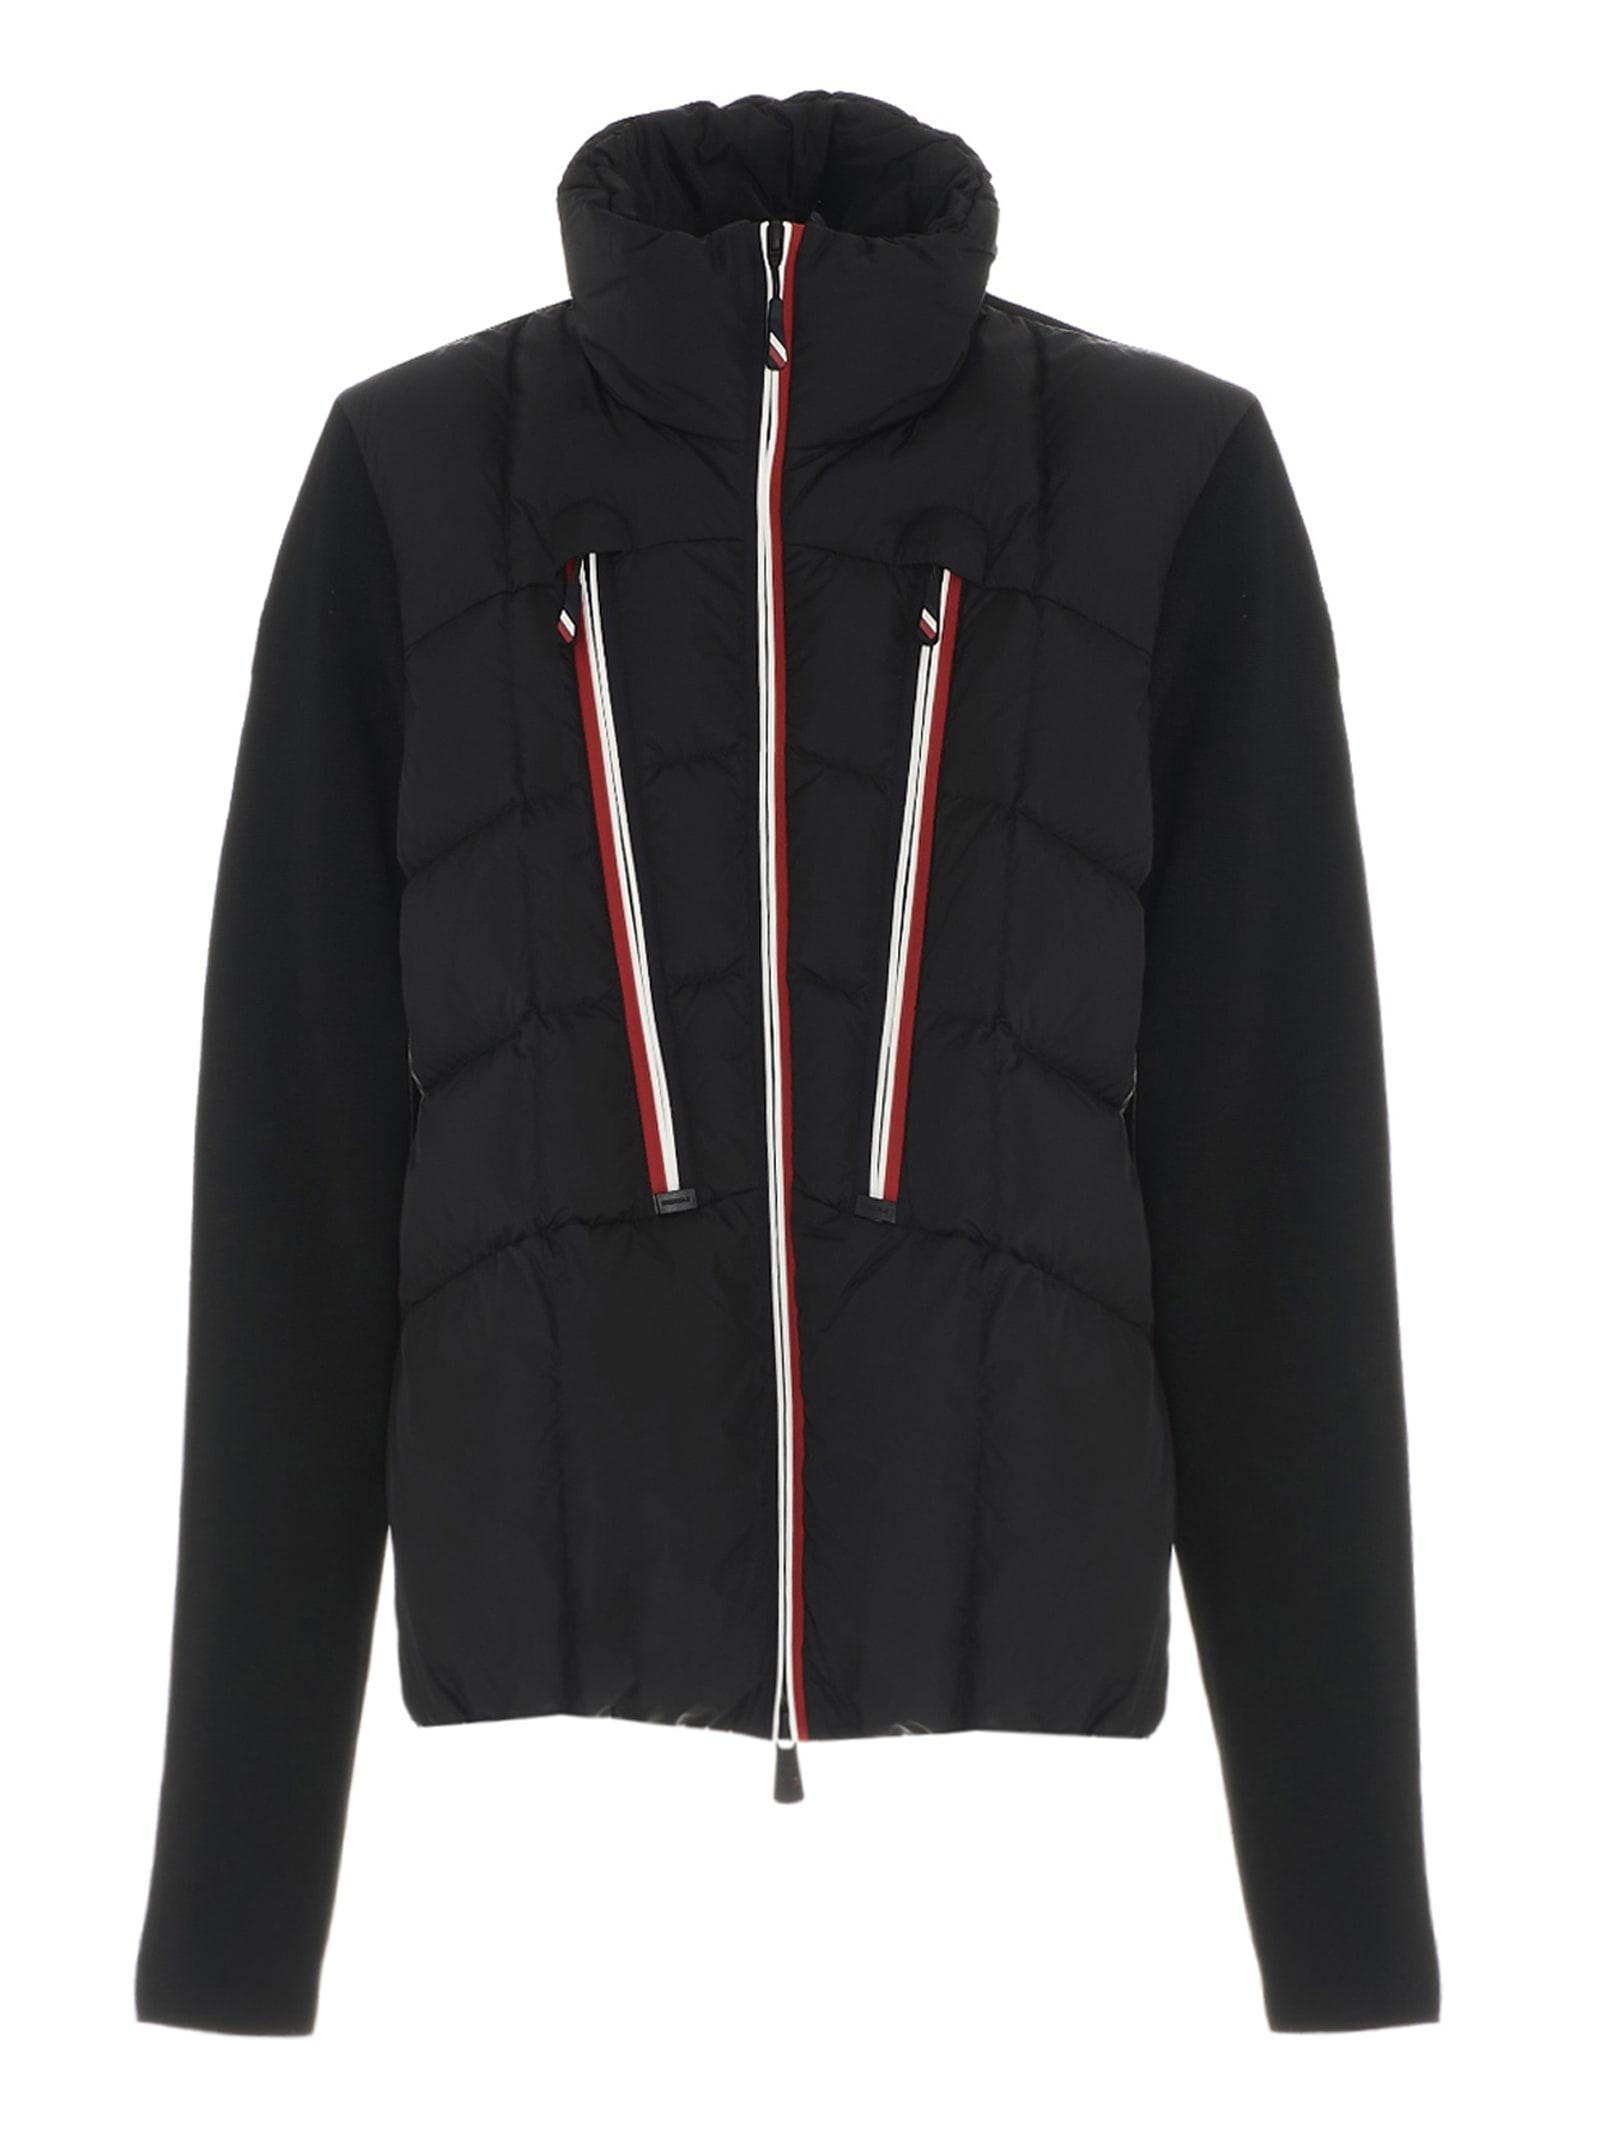 Moncler Grenoble Cardigan In Black